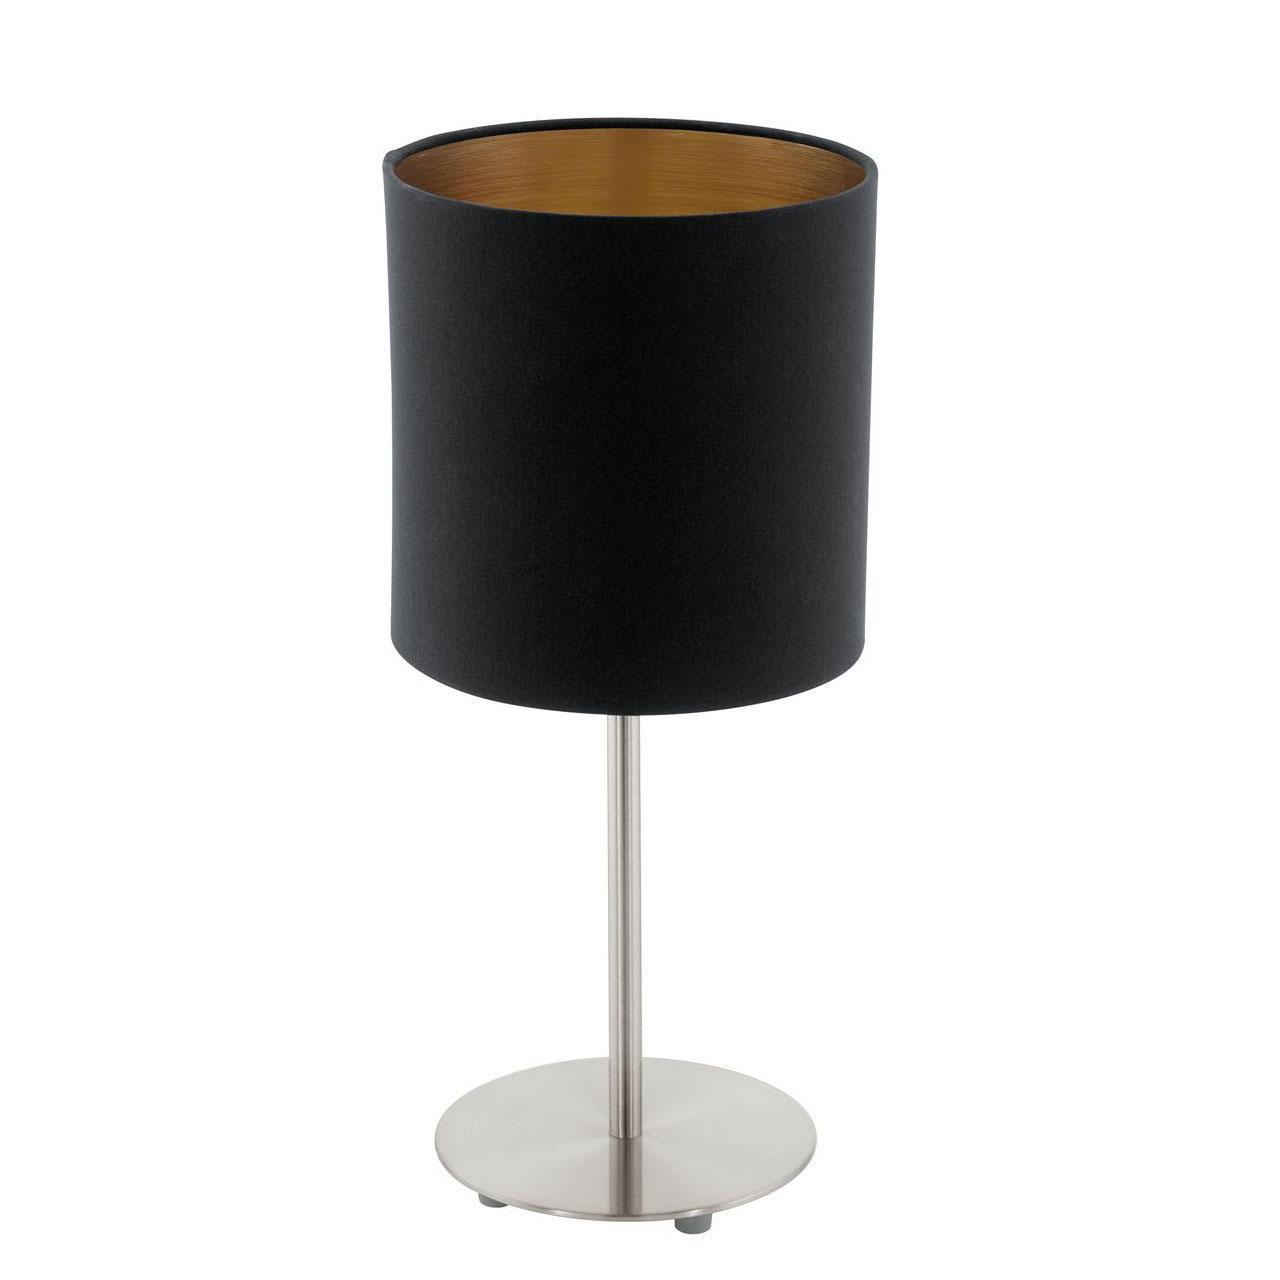 Настольная лампа Eglo Pasteri 94917 настольная лампа eglo pasteri 94917